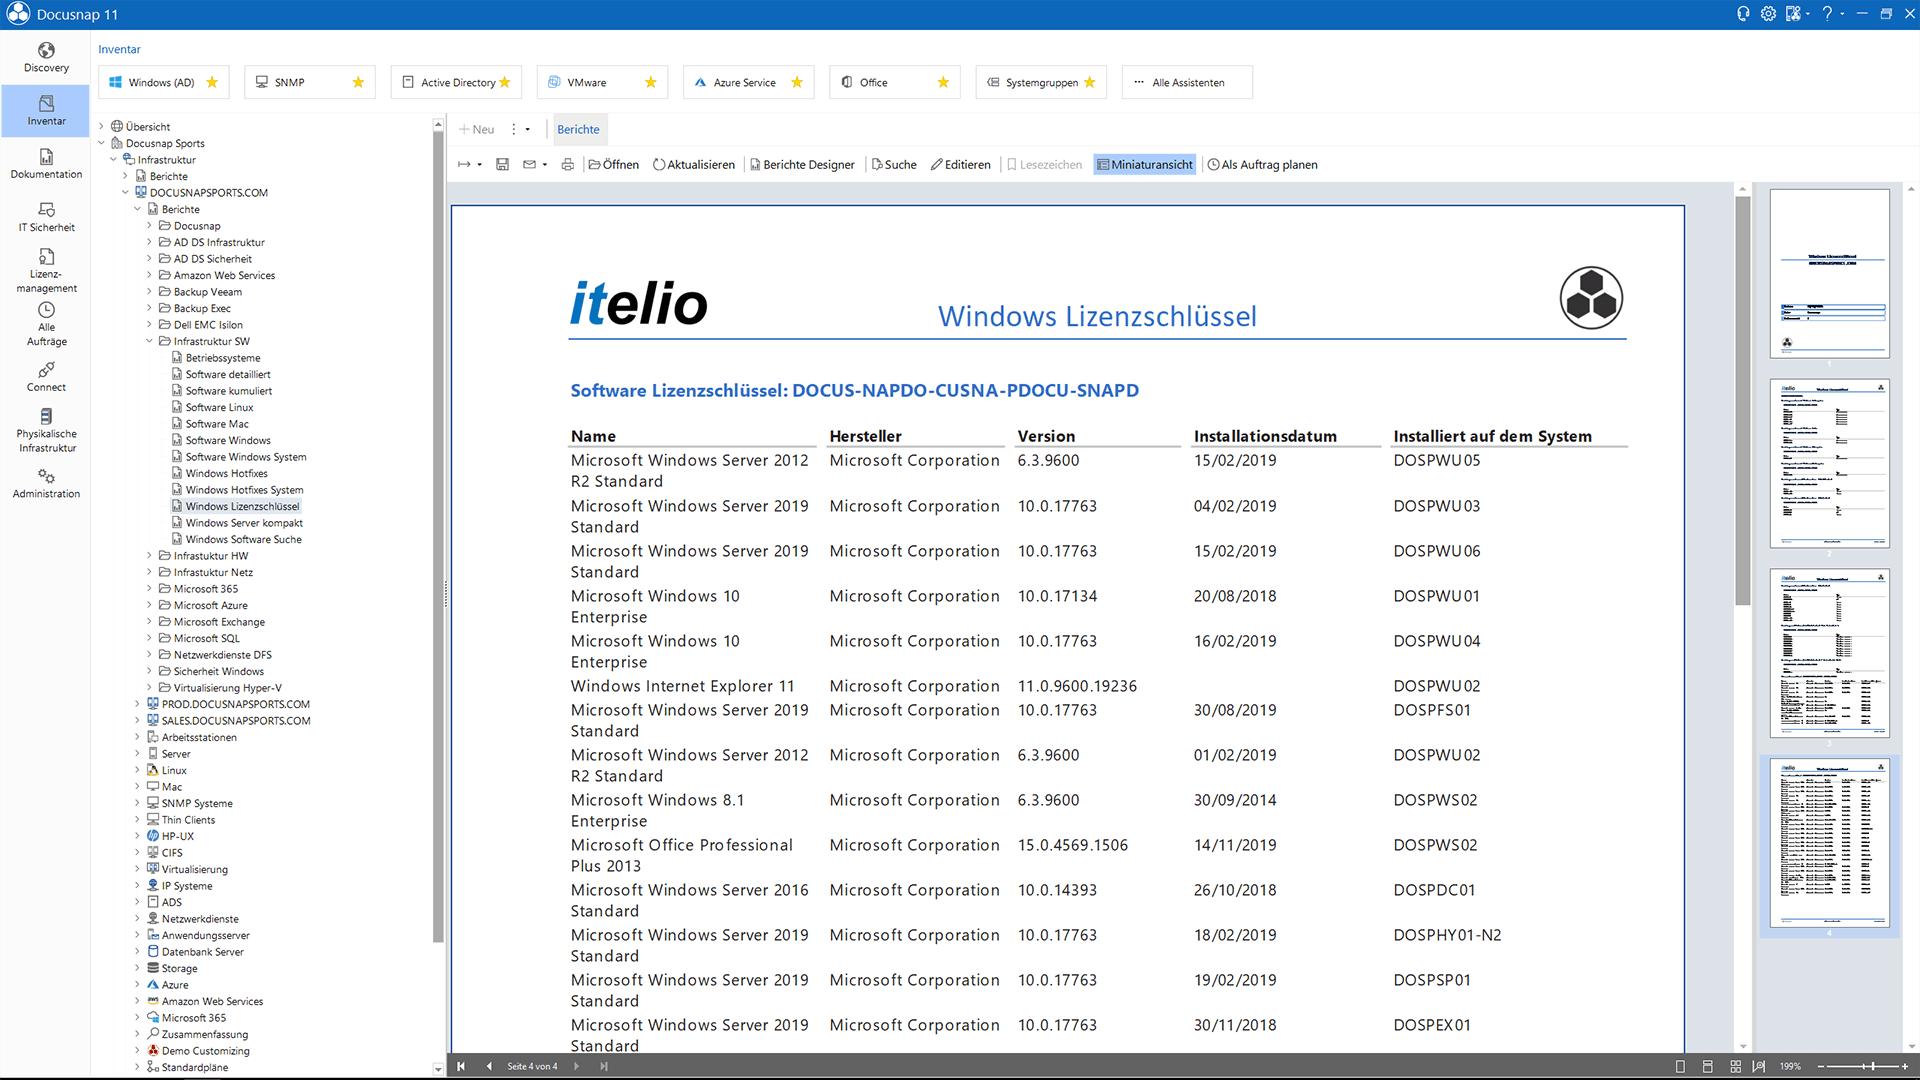 Screenshot: inventarisierte Software in der IT-Dokumentation